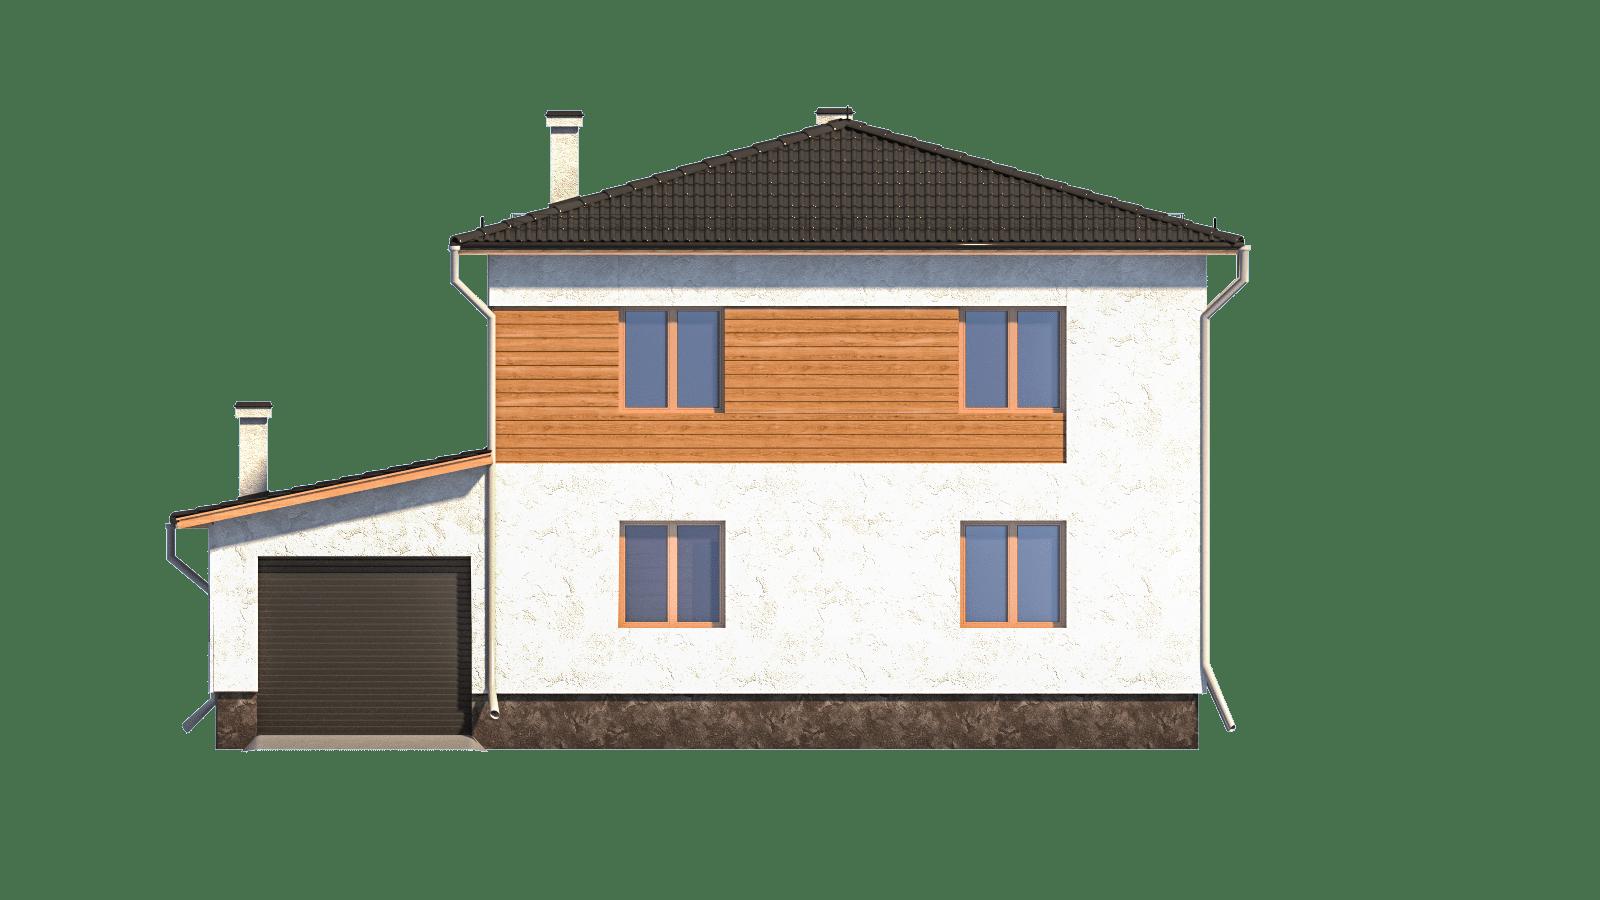 Фасад двухэтажного дома с гаражом и террасой «КД-3» - сзади